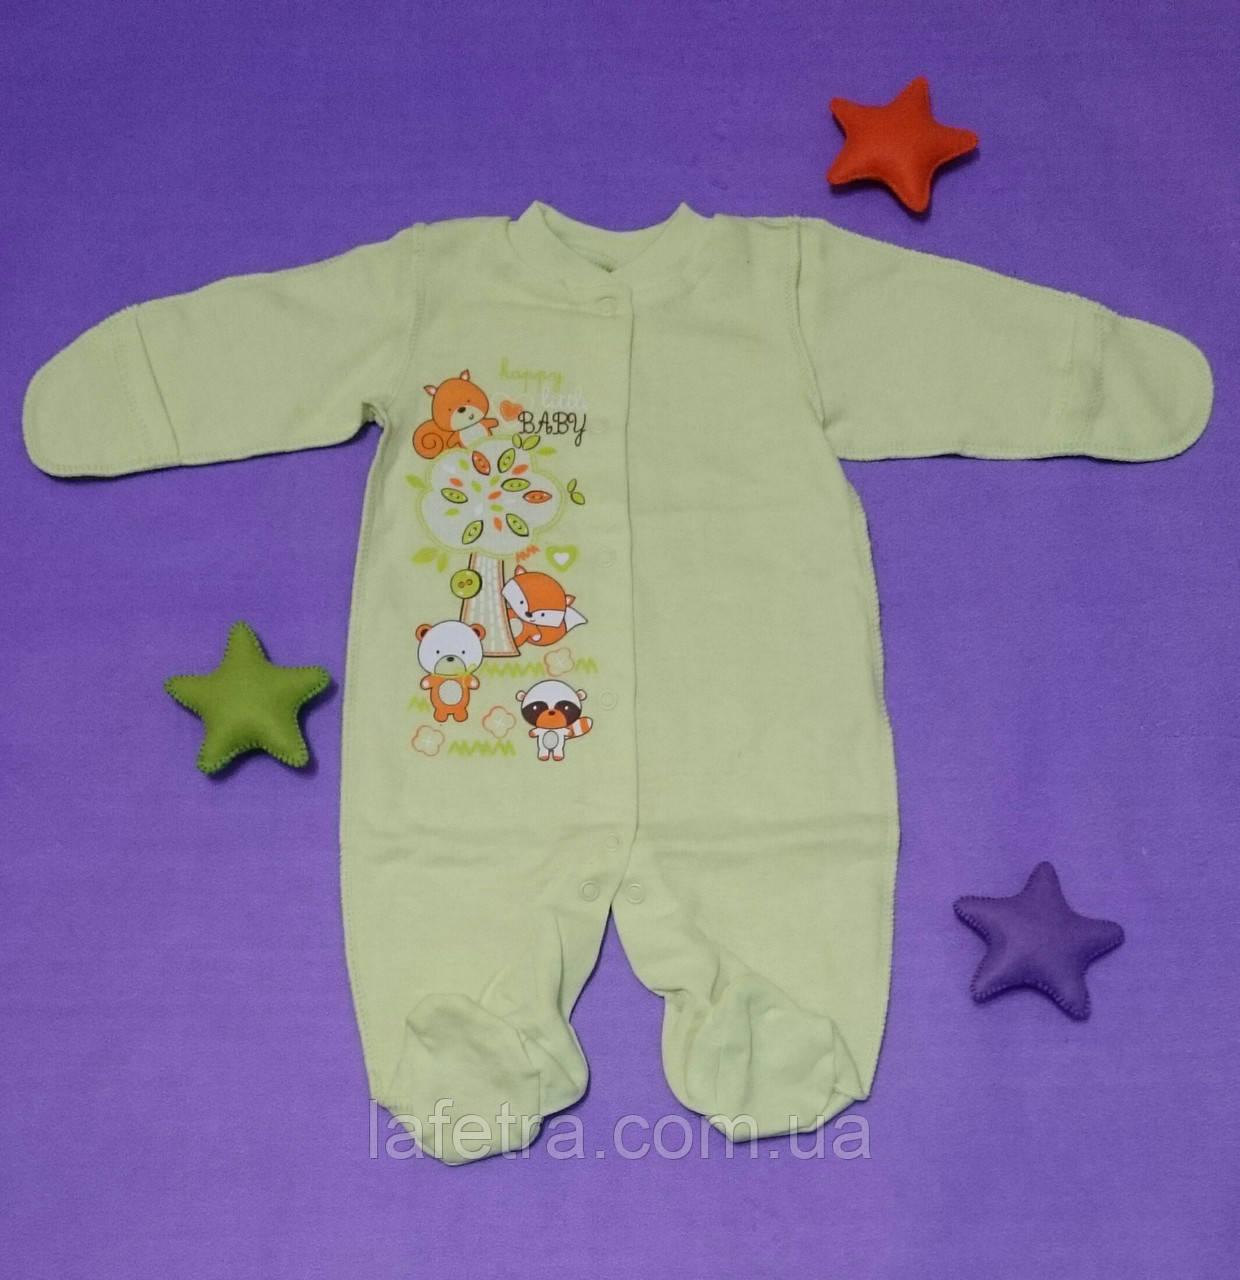 Человечки Комбинезоны Слипы Для Новорожденных Детей 0 - 1 мес